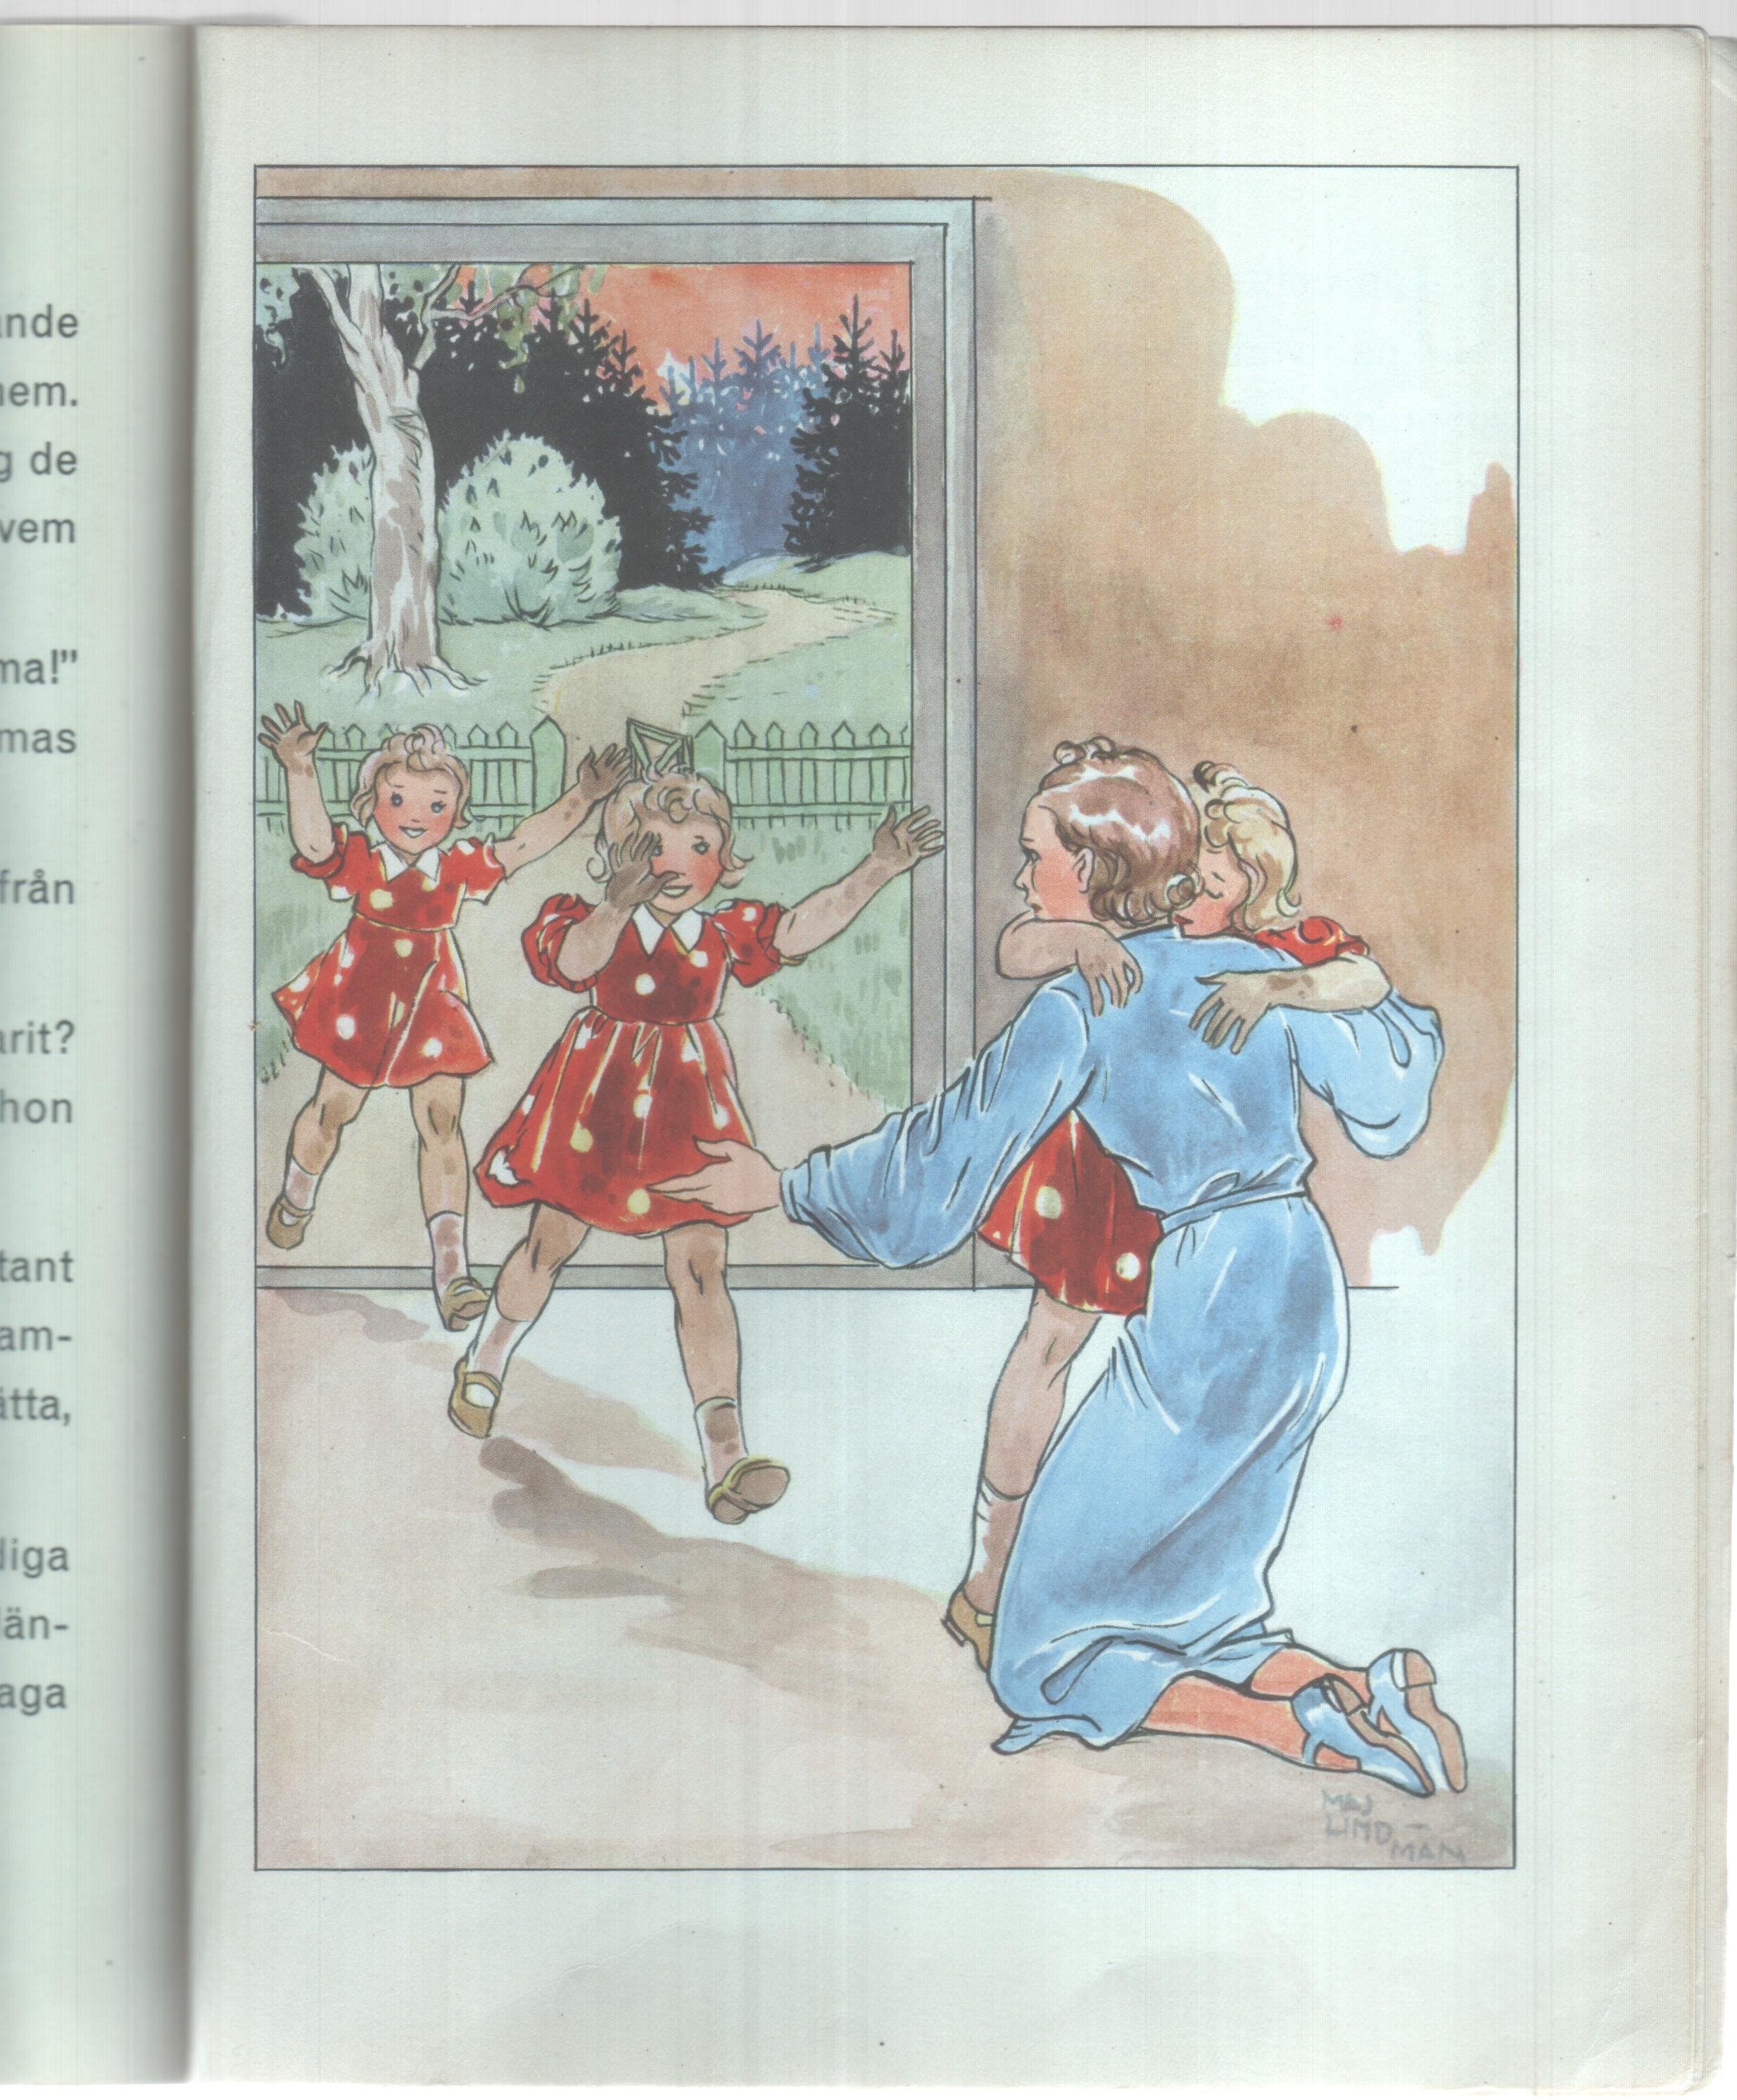 Rufsi, Tufsi, Tott och de prickiga klänningarna